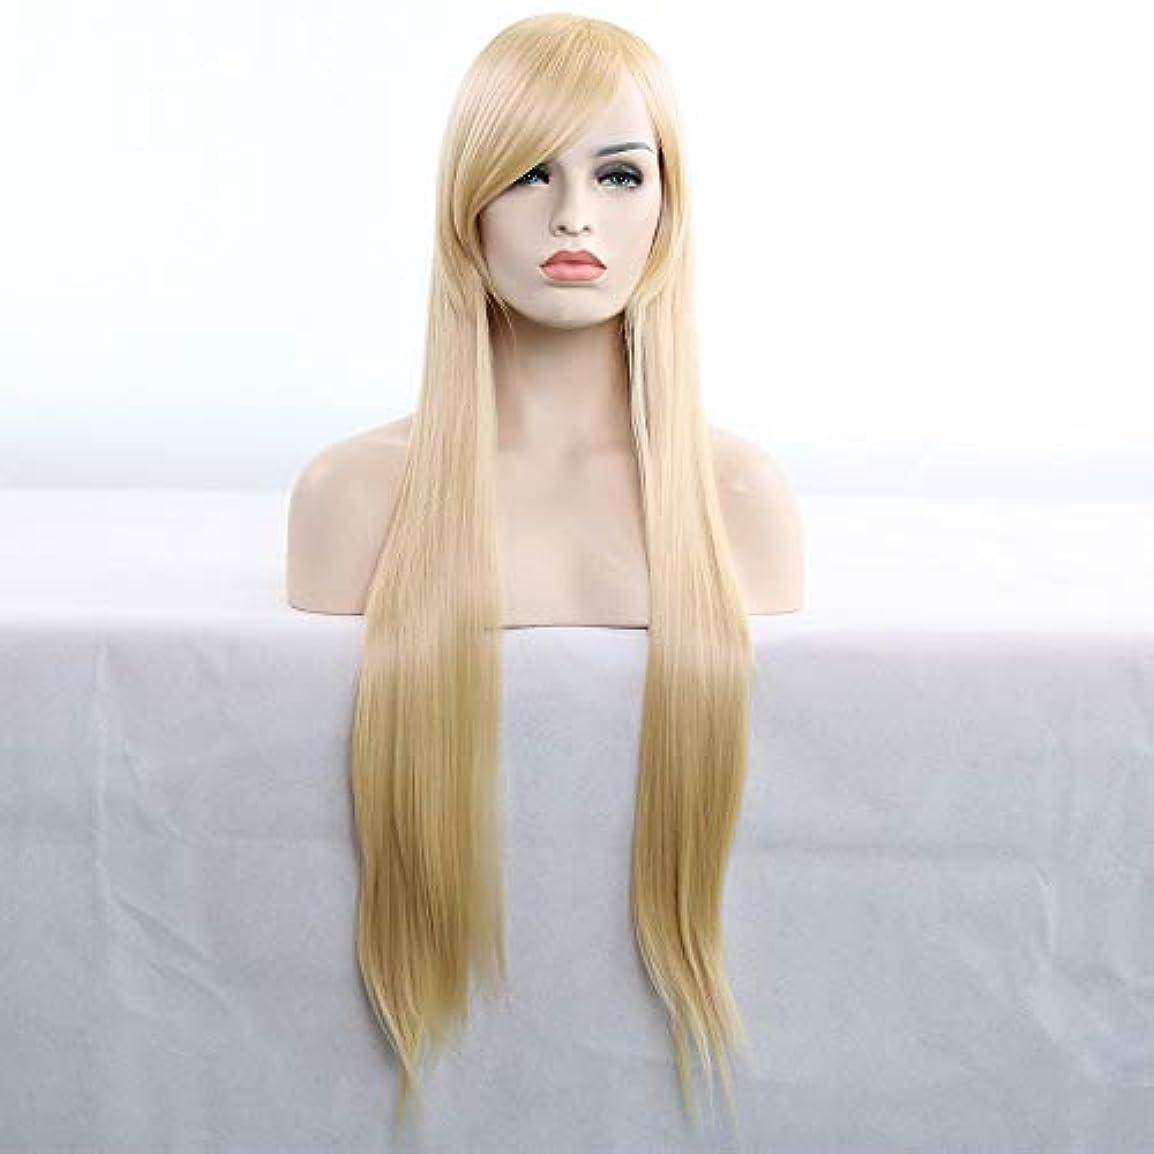 請求書アーク間違い女性用ロングナチュラルストレートヘアウィッグ31インチ人工毛替えウィッグハロウィンコスプレ衣装アニメパーティーウィッグ(ウィッグキャップ付き) (Color : Light gold)